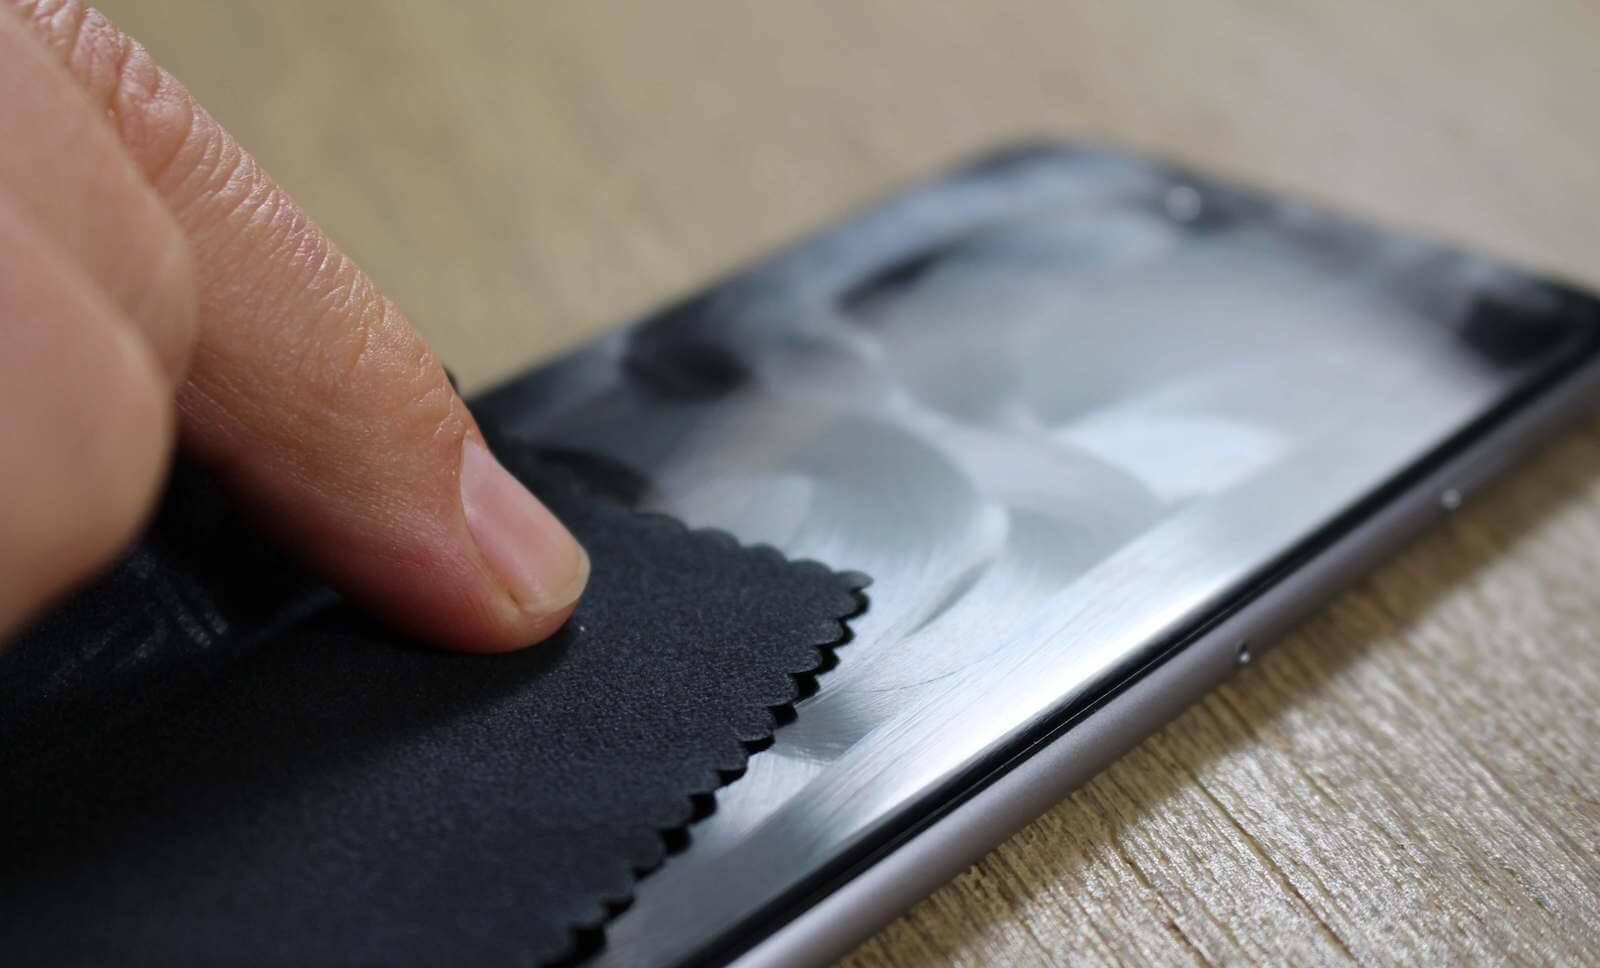 Секс из нутри смотреть онлайн бесплатно для планшета 12 фотография